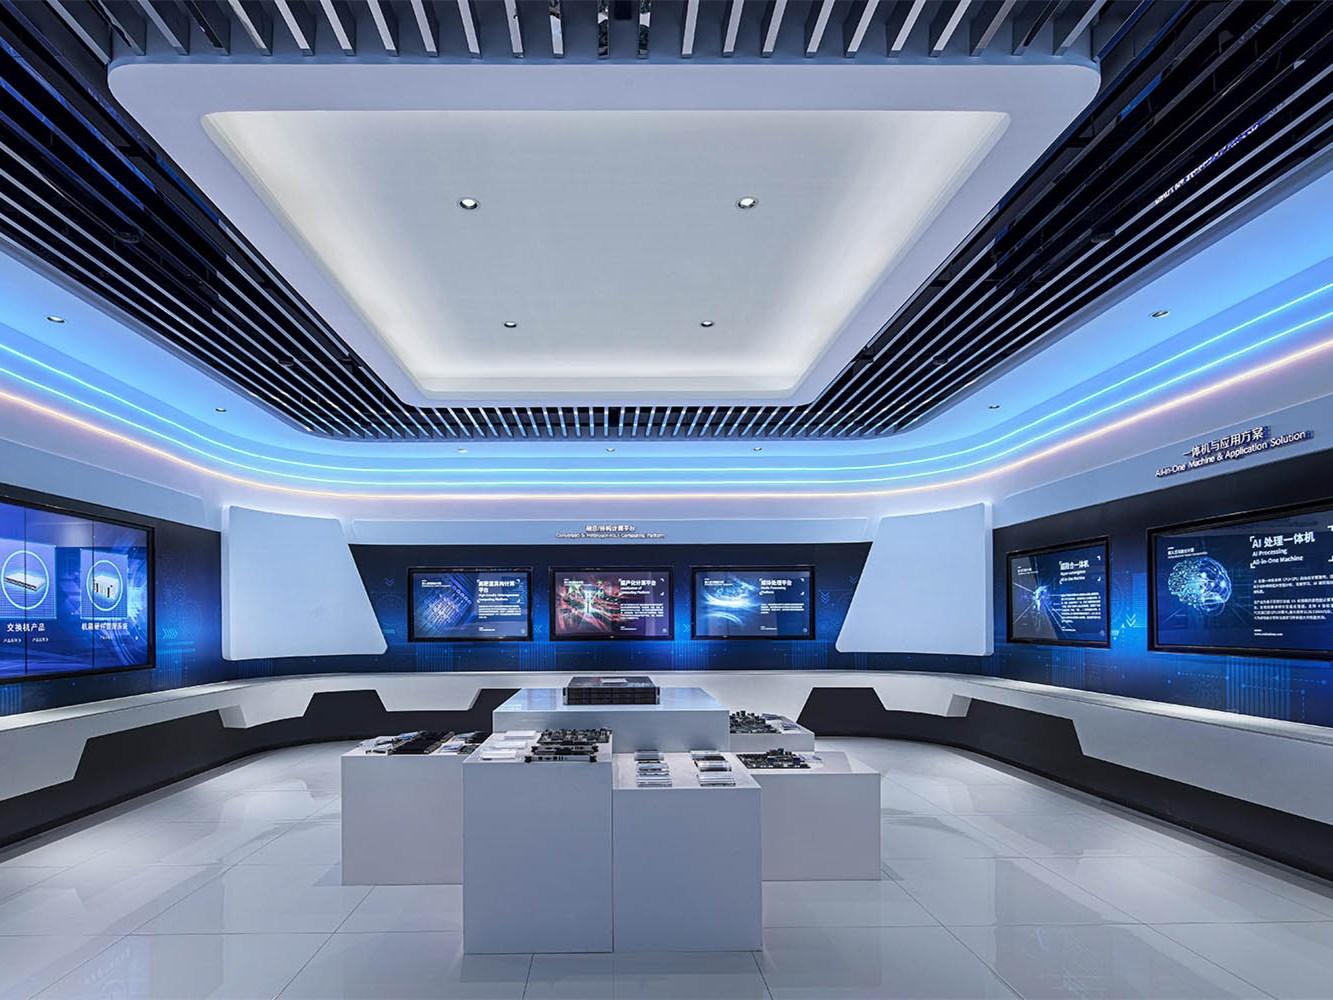 上海恒为科技股份有限公司办公空间